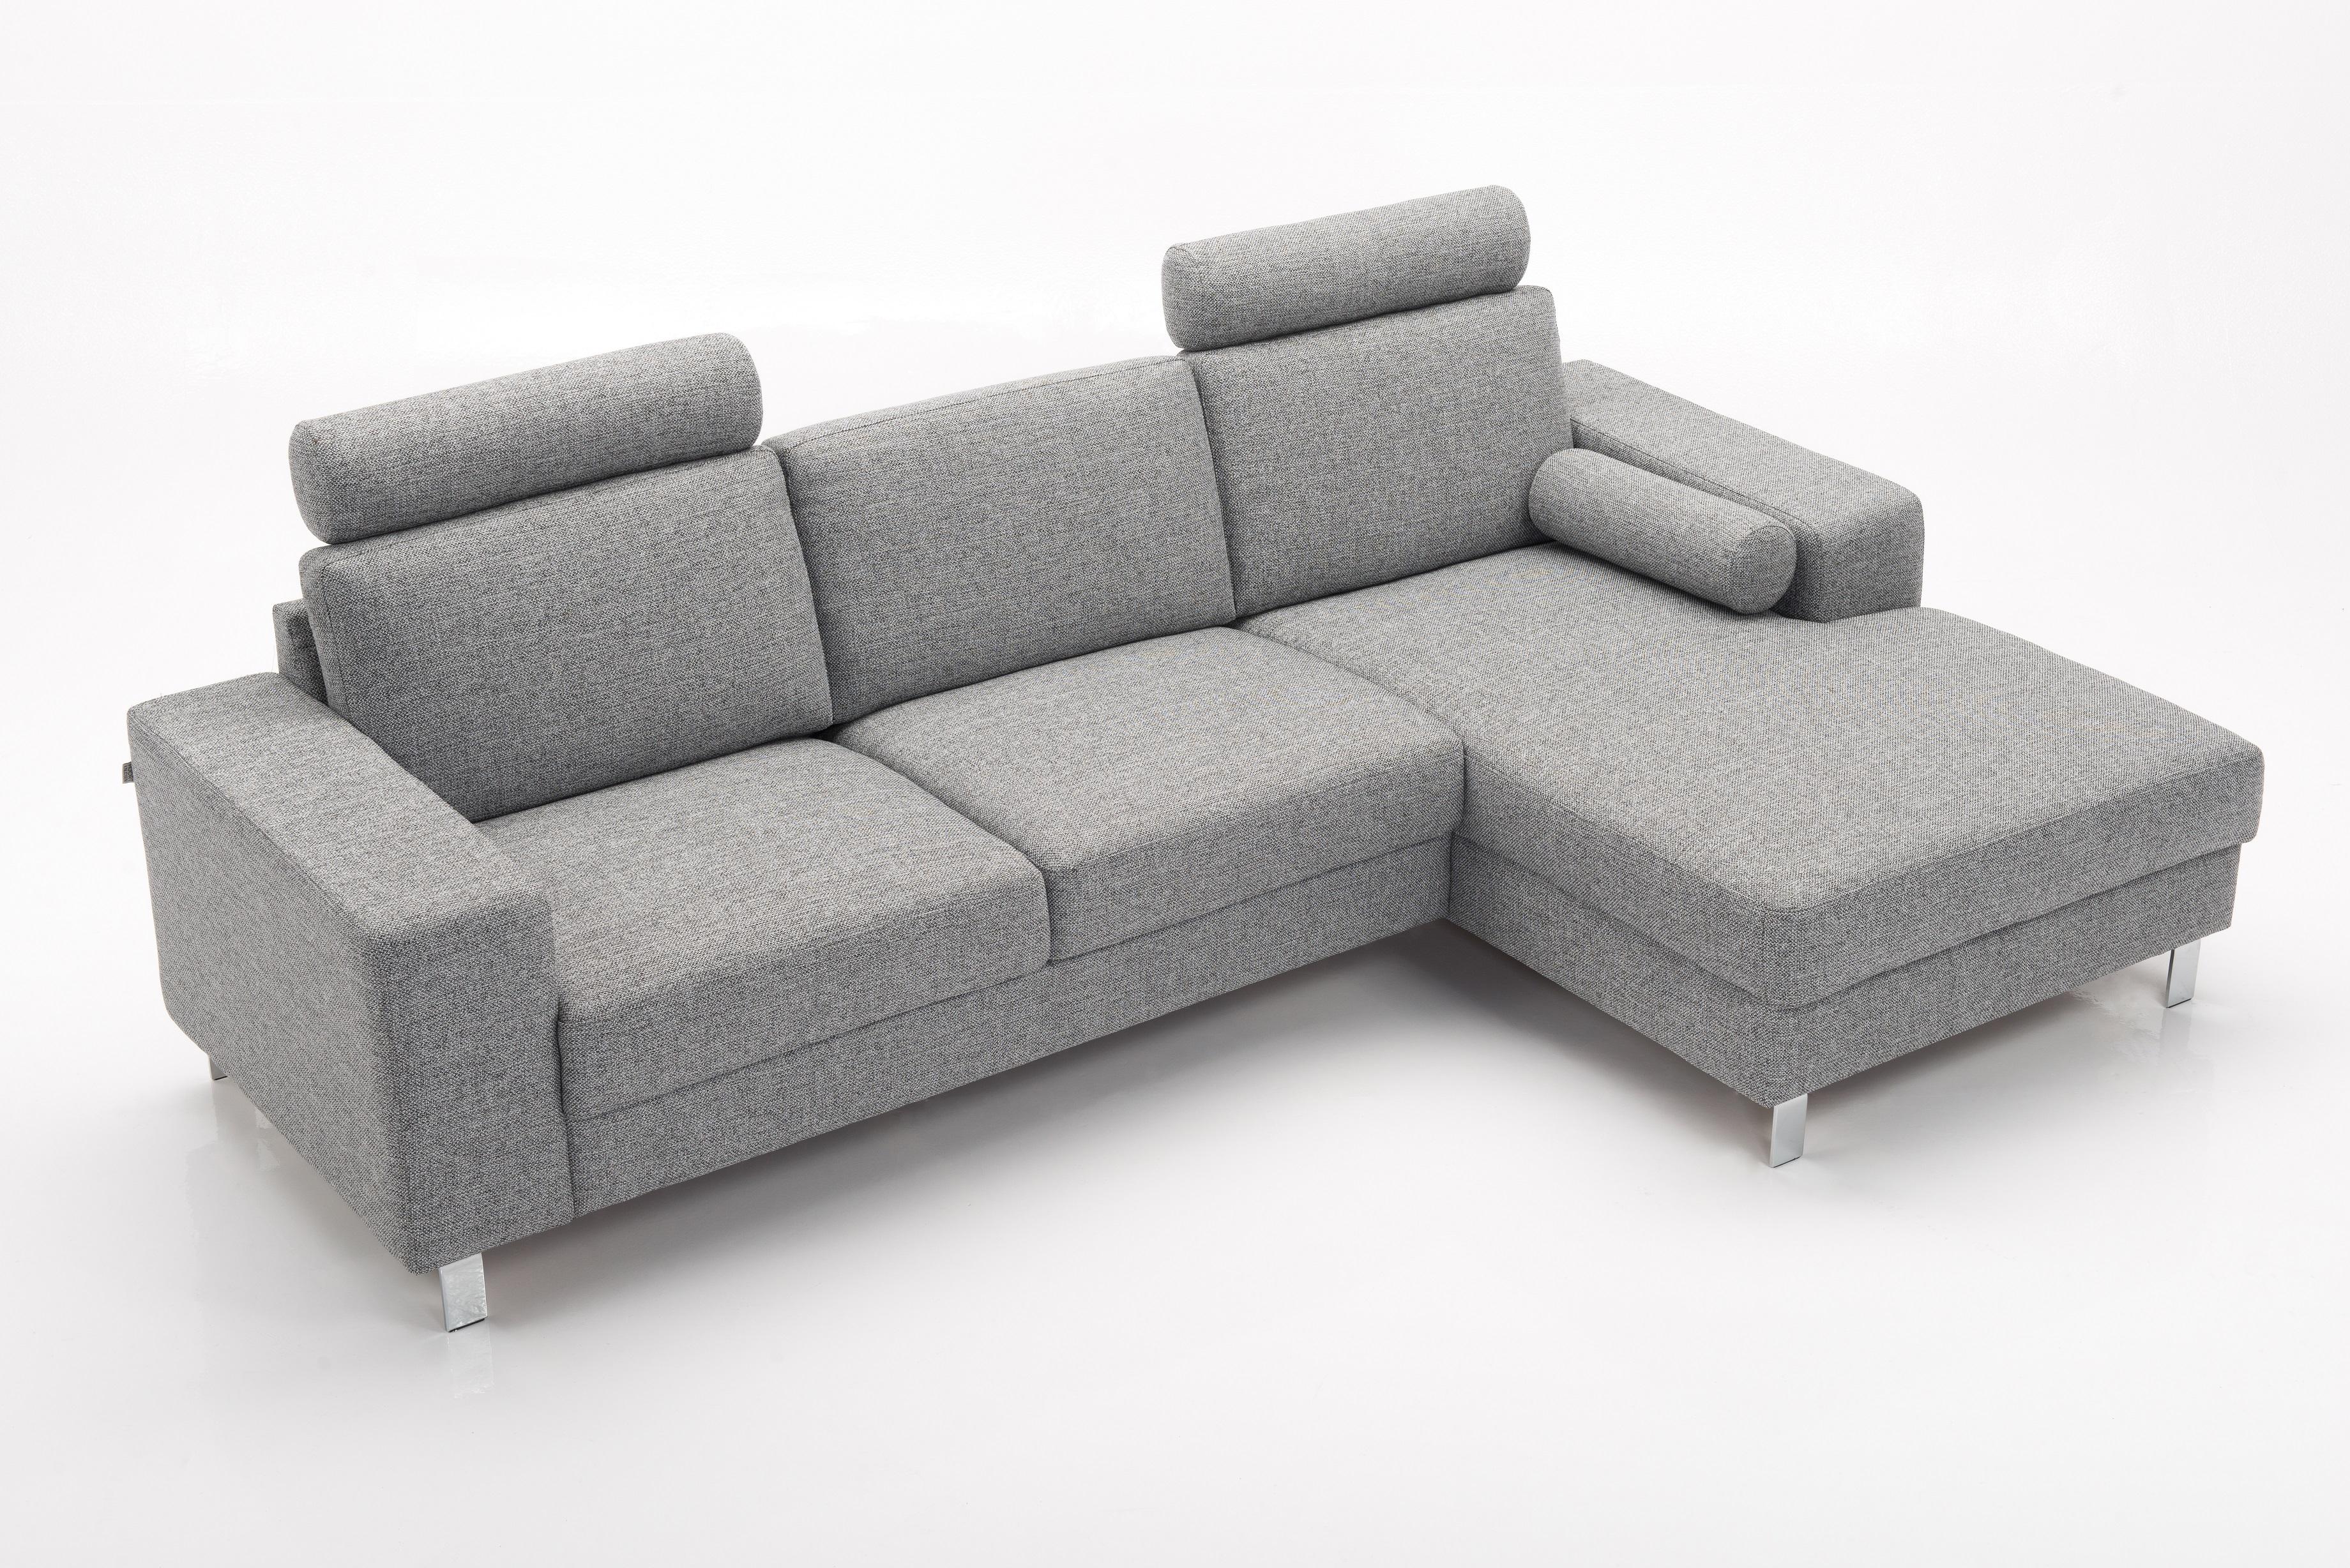 sofaborde udsalg